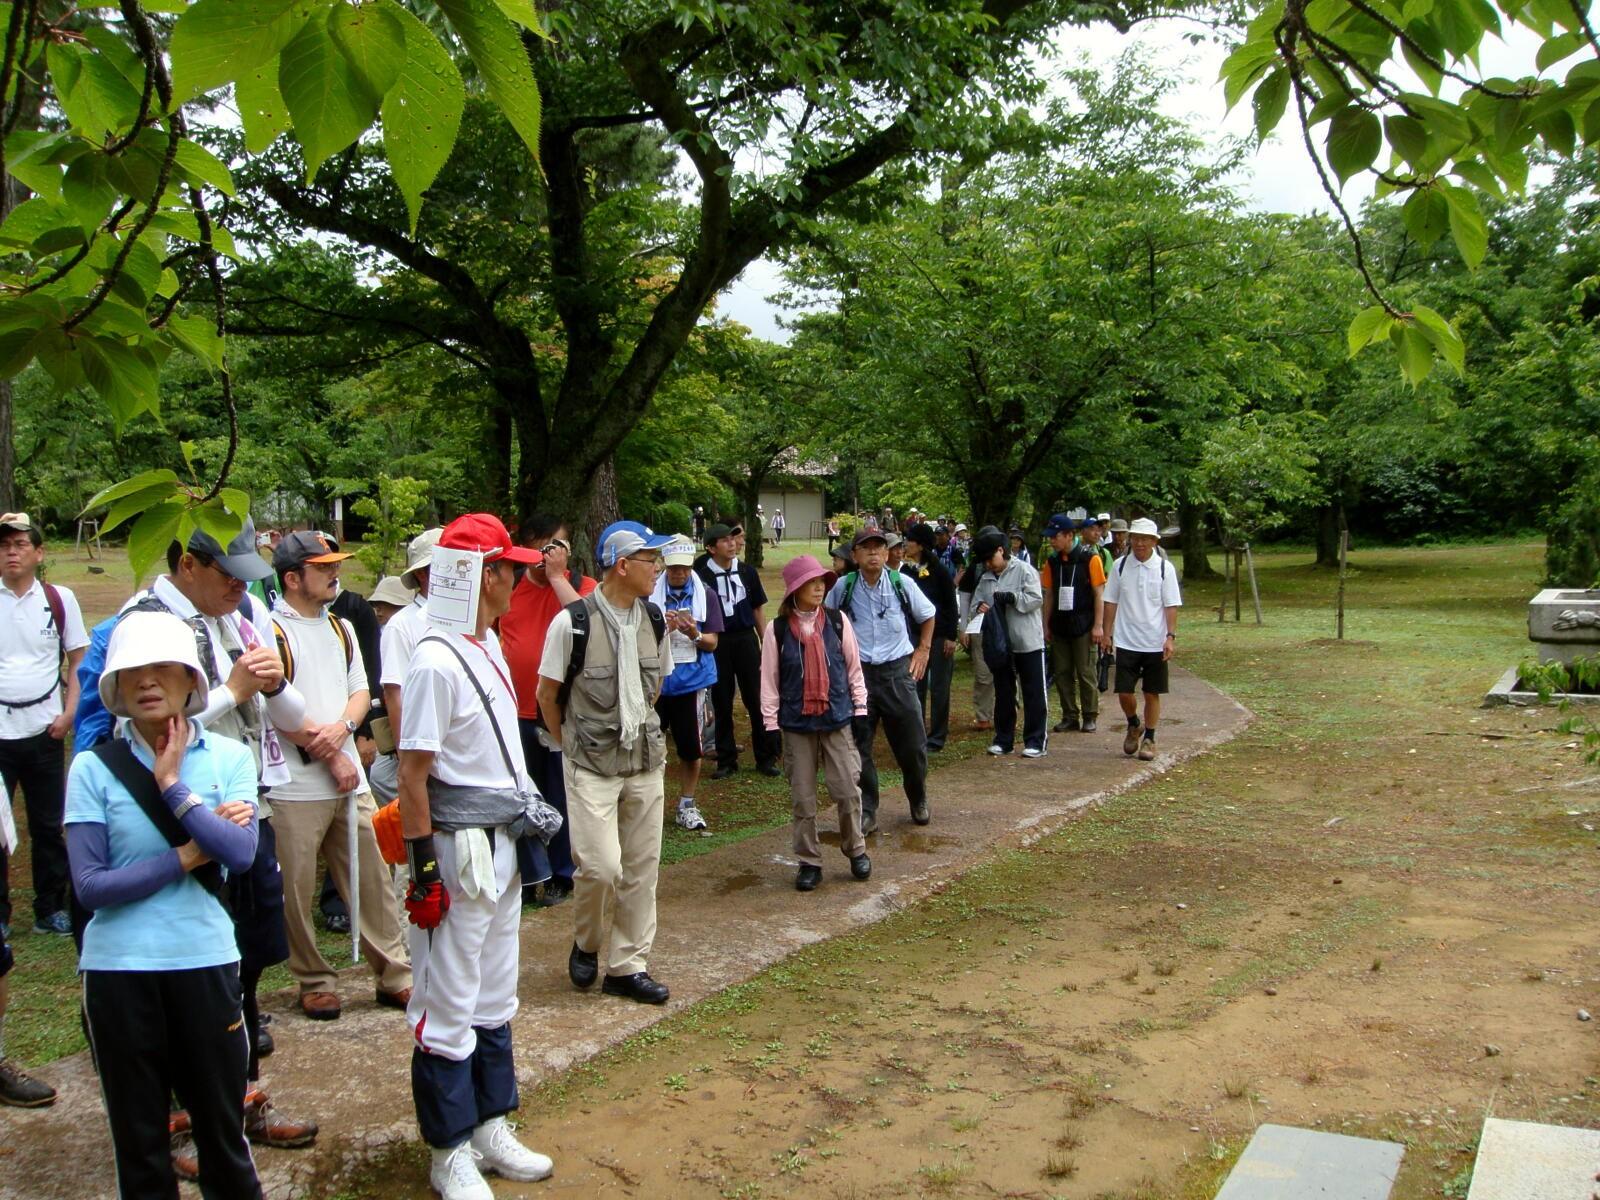 吉崎語り部の会 (市民ガイドと歩く吉崎蓮如の里)